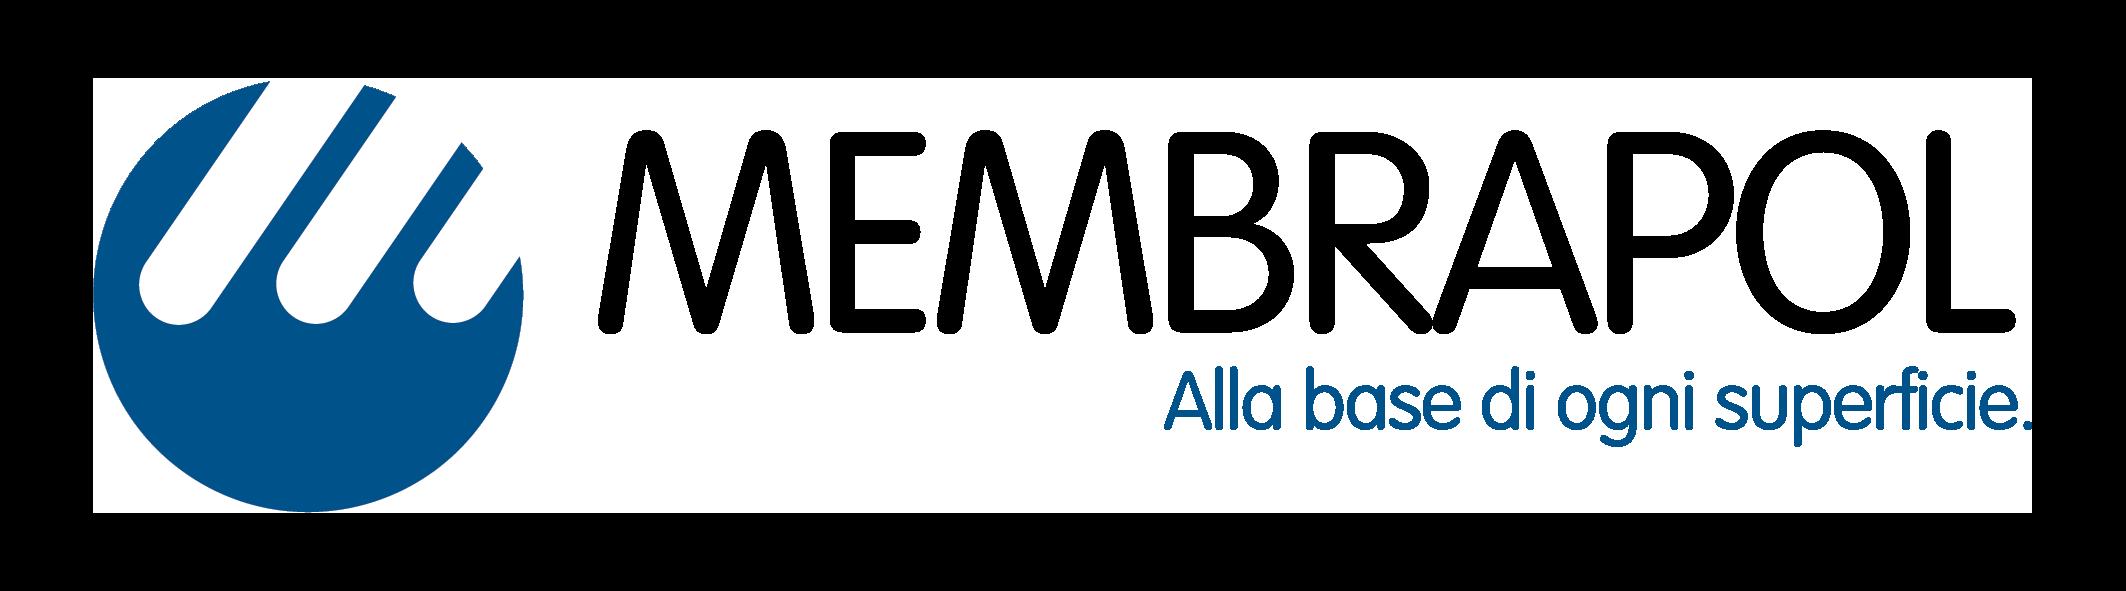 Logo-ISTITUZIONALE-MEMBRAPOL